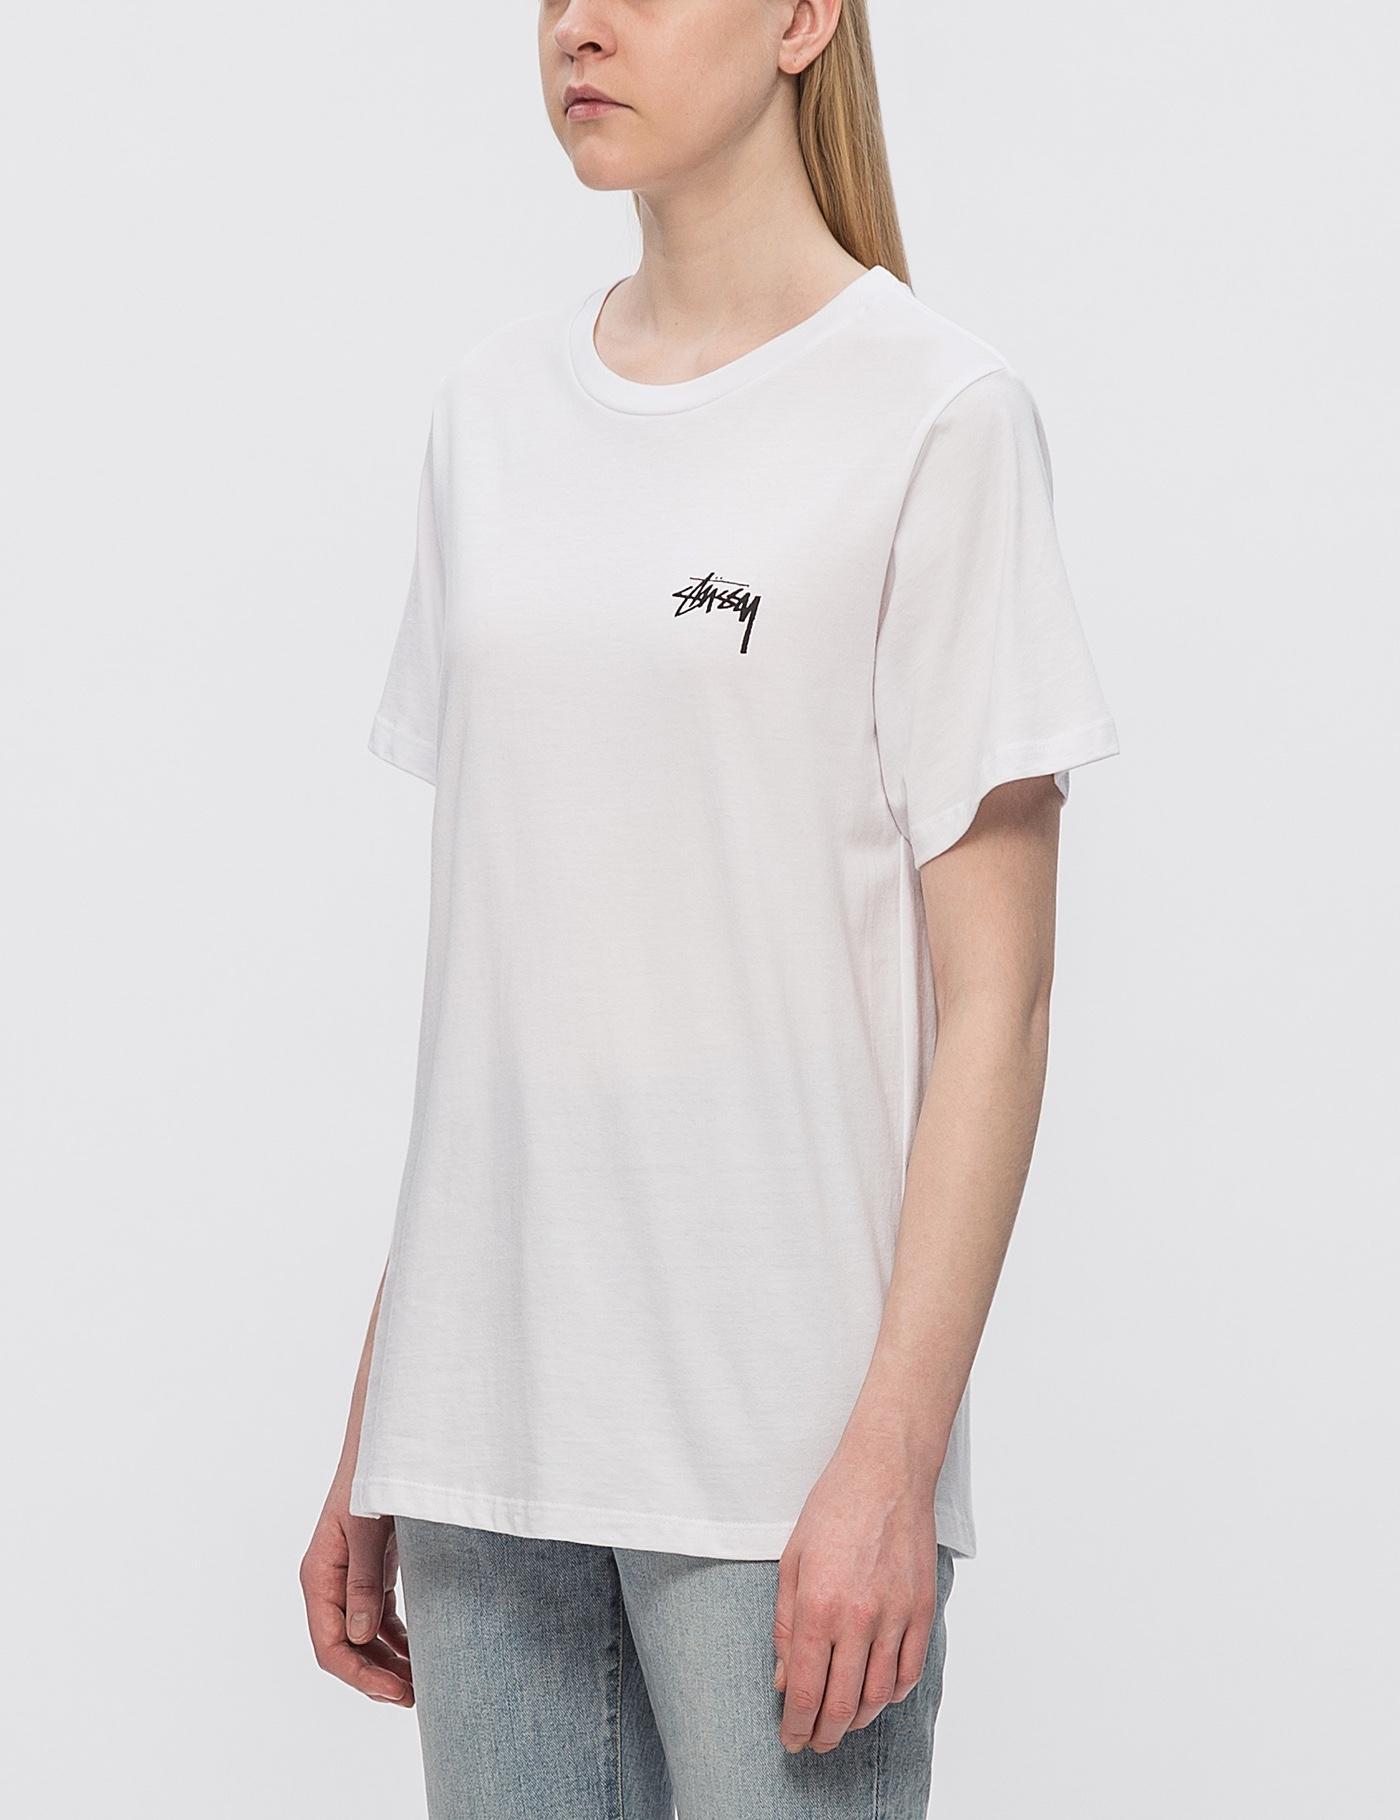 Anthropologie Founder Lyst Stussy Surfman Check Boyfriend T Shirt In White